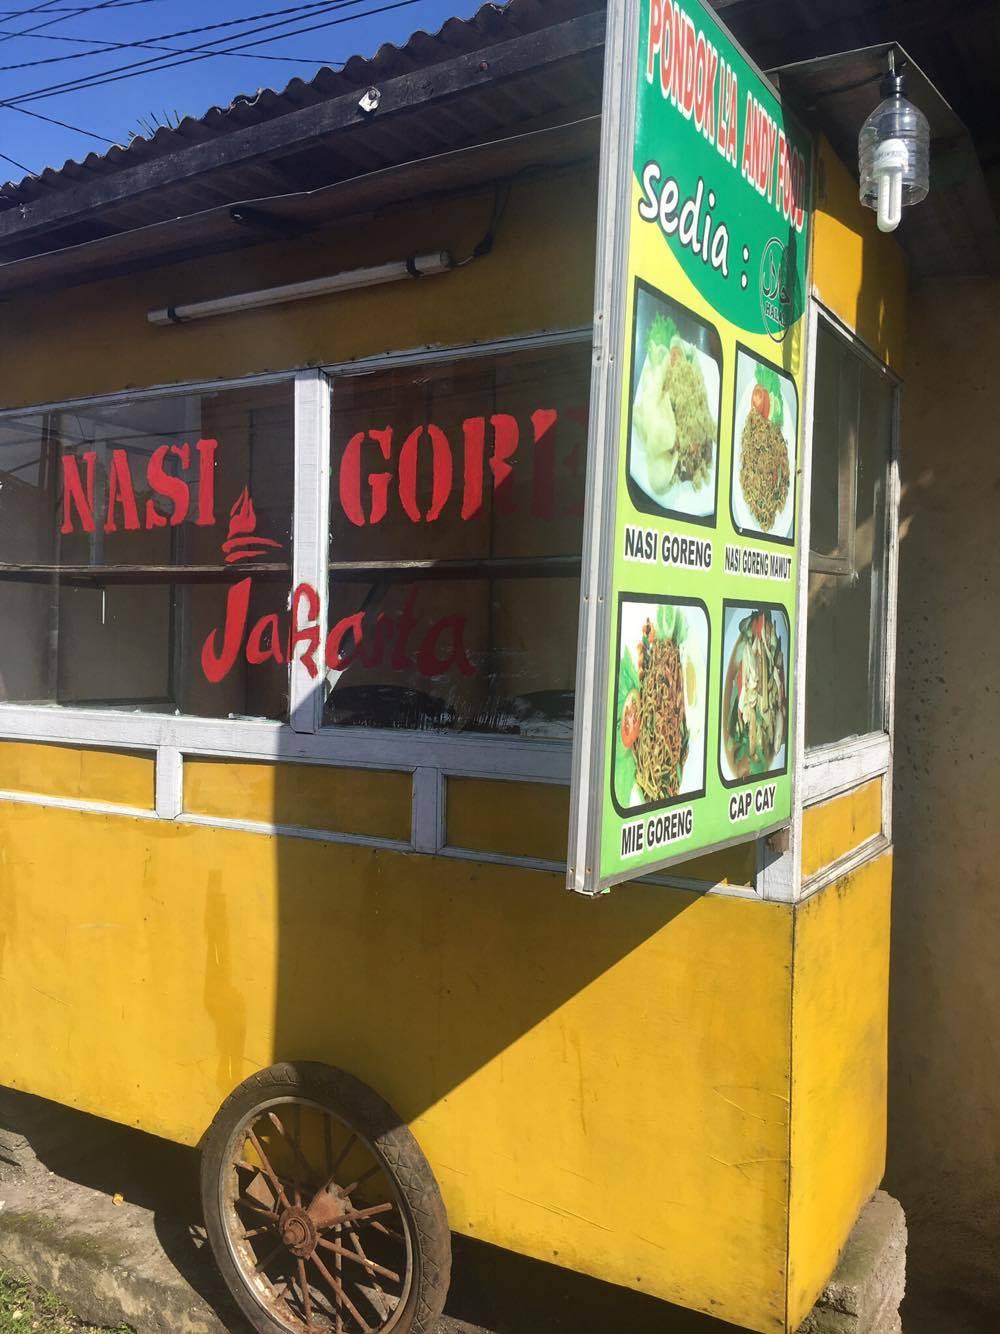 Tälläinen liikkuva koju on hyvin yleinen näky Balin liikenteessä. Myyjä työntää tai vetää kärryä jossa hän valmistaa ja myy valmiita aterioita. Paahtavan auringon alla tälläisen kärryn liikuttaminen ei ole mitään helppoa puuhaa...